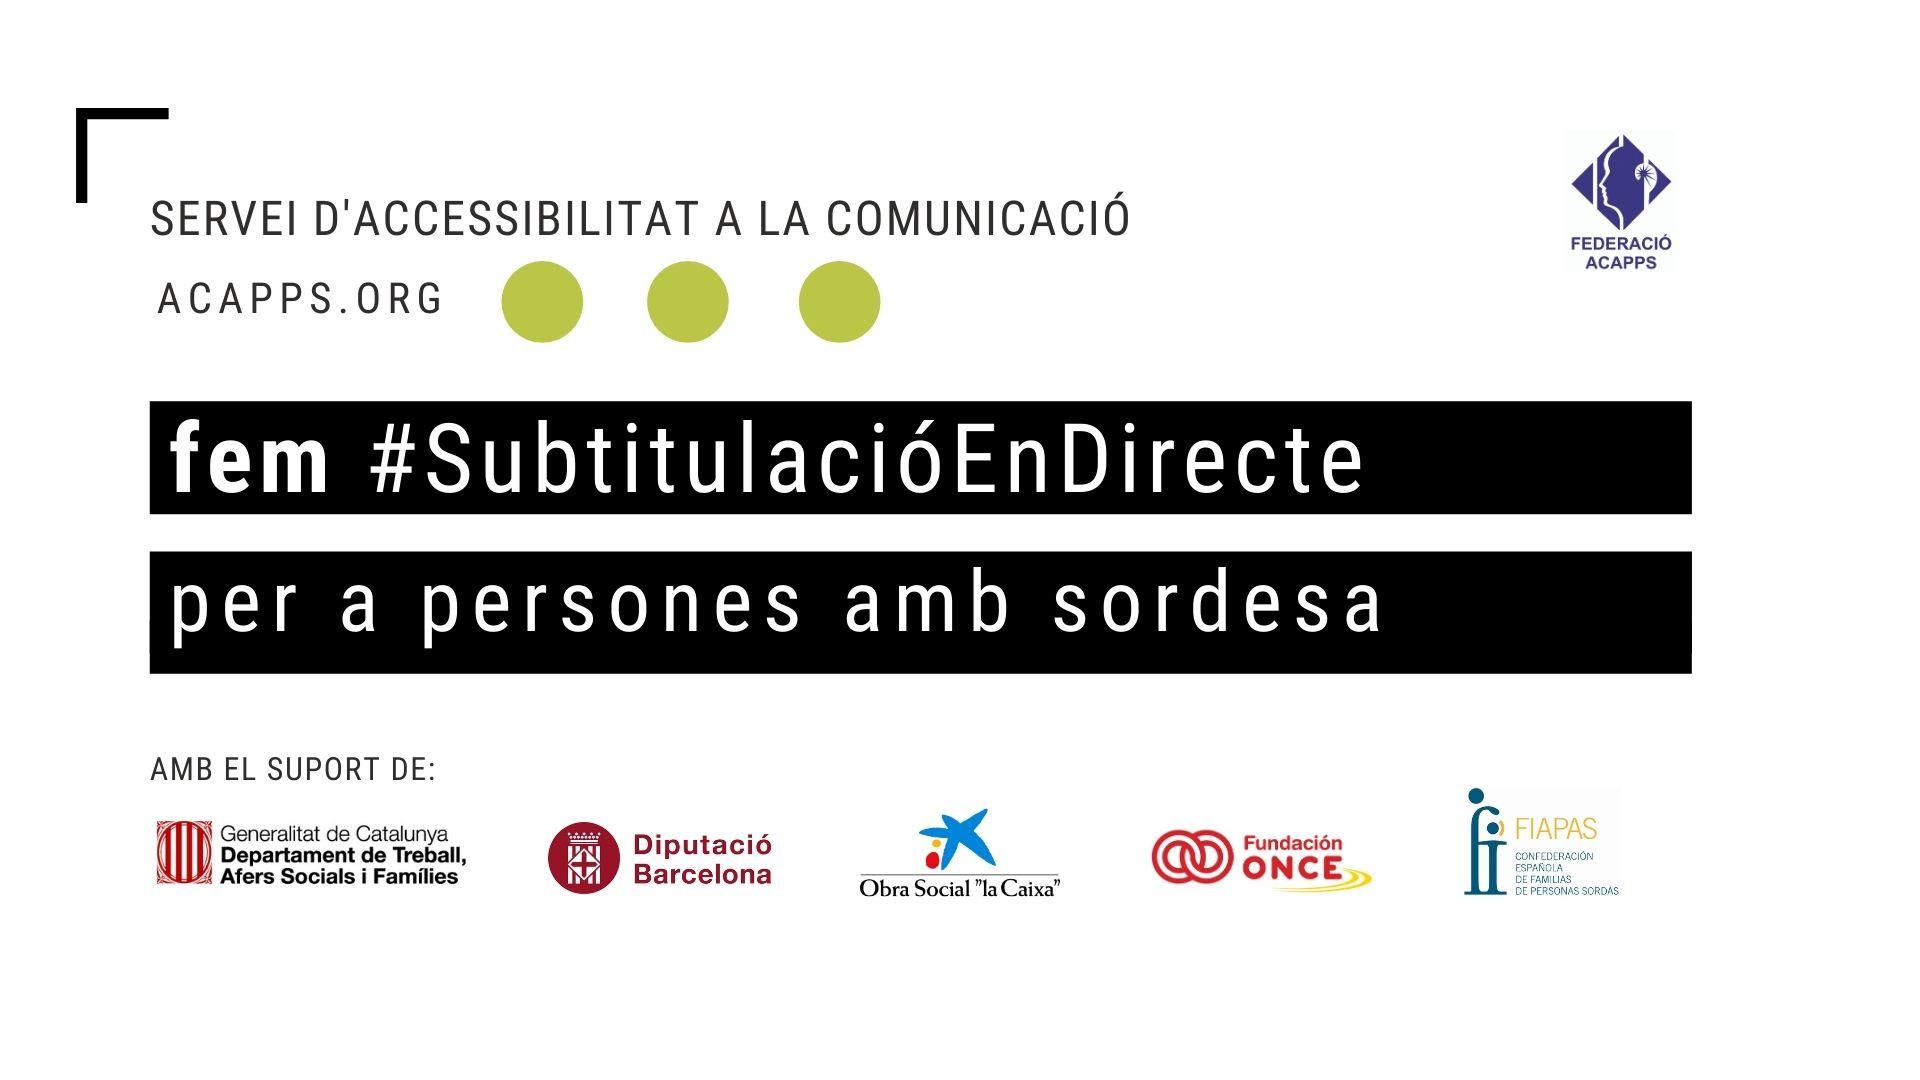 Nou servei en accessibilitat: Subtitulació en Directe Virtual